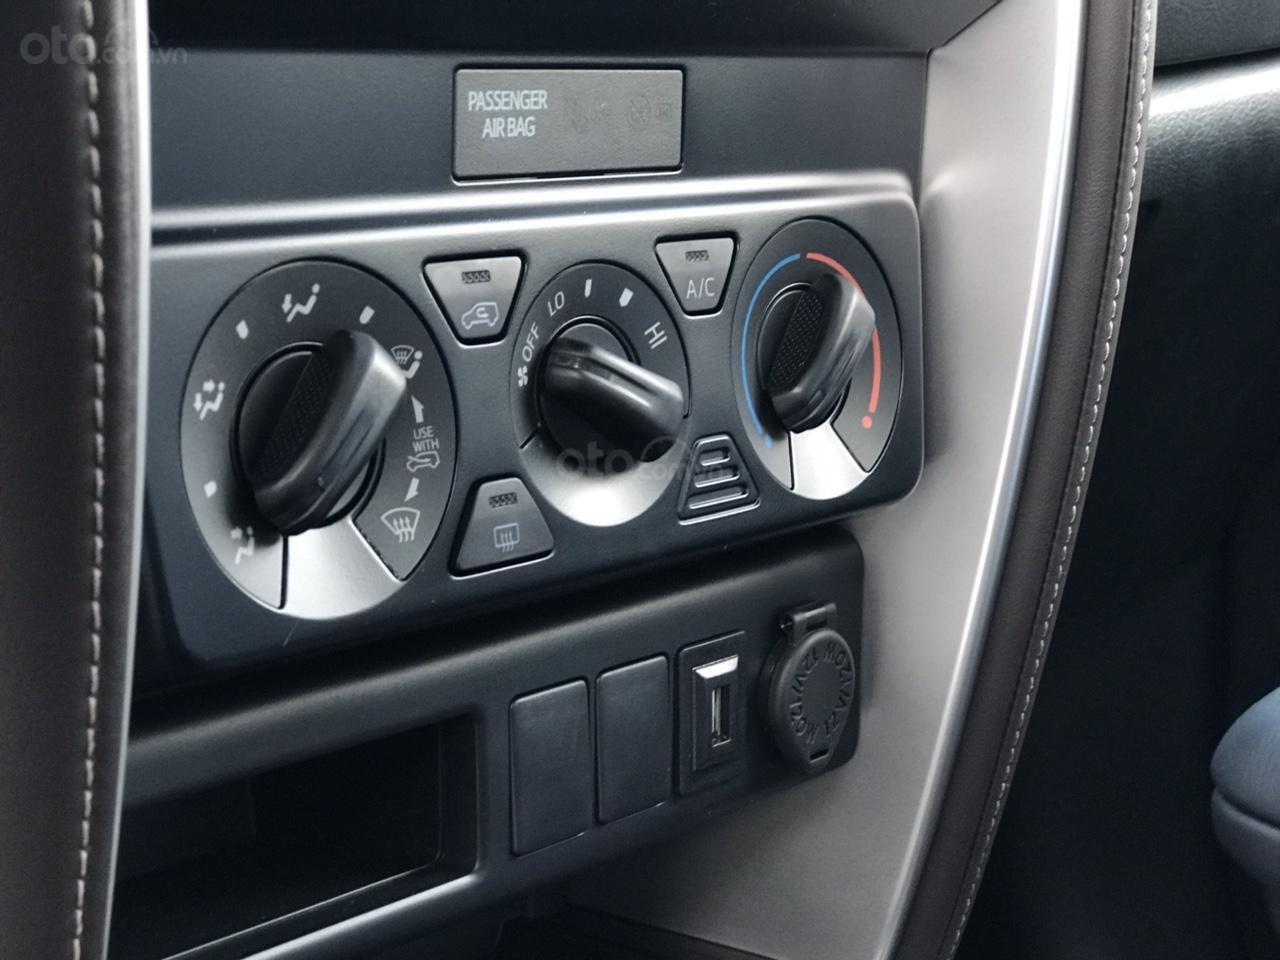 Toyota Fortuner 2.4 G số tự động 1 cầu 2020 tặng thuế TB, tặng BHVC + phụ kiện cao cấp, trả góp từ 300tr - LH 0942456838 (6)